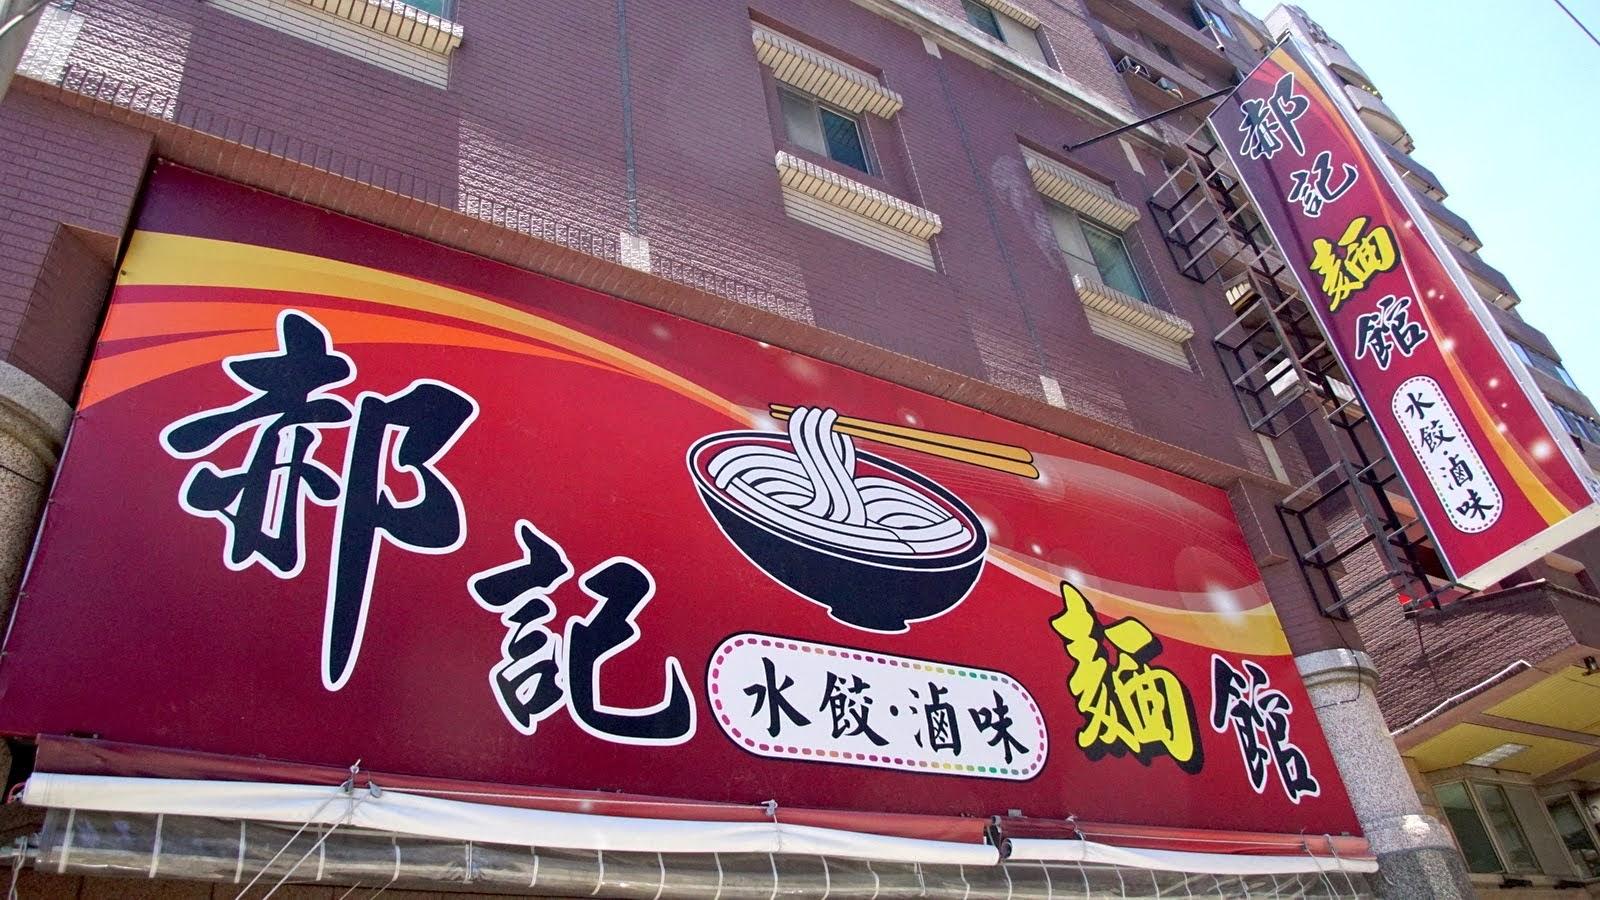 [台南][安平區] 郝記麵館 40年老店新開 五期超人氣麵店 食記